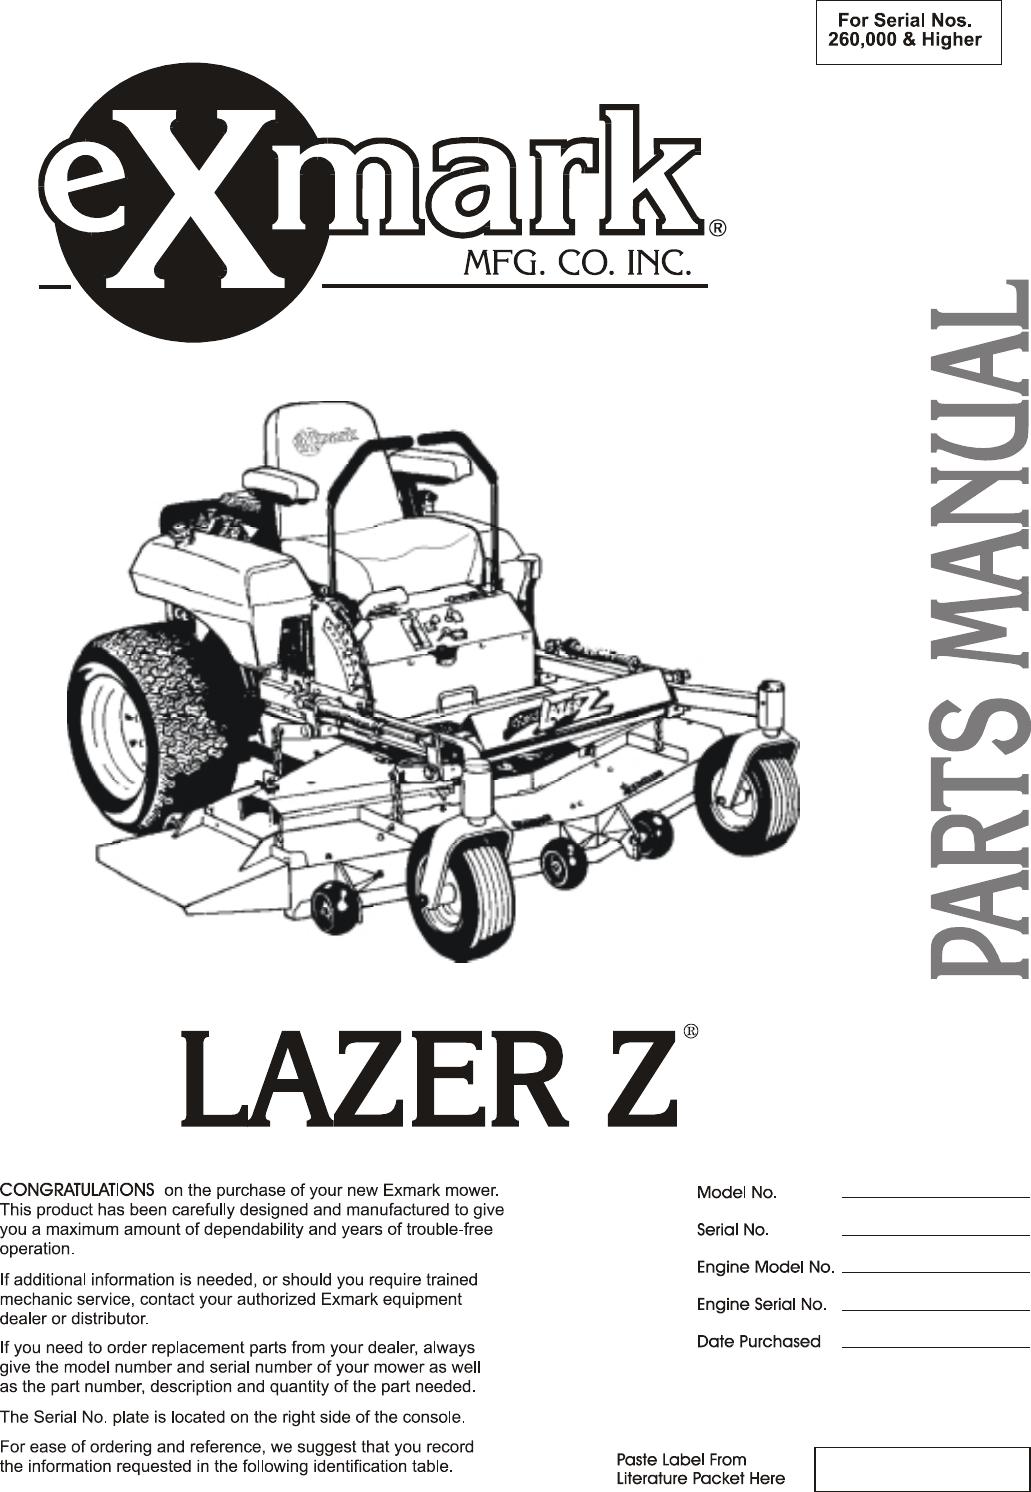 Exmark Lzz34ka726 Lazer Z Ac S N 790 000 U0026 Up Parts Manual Guide